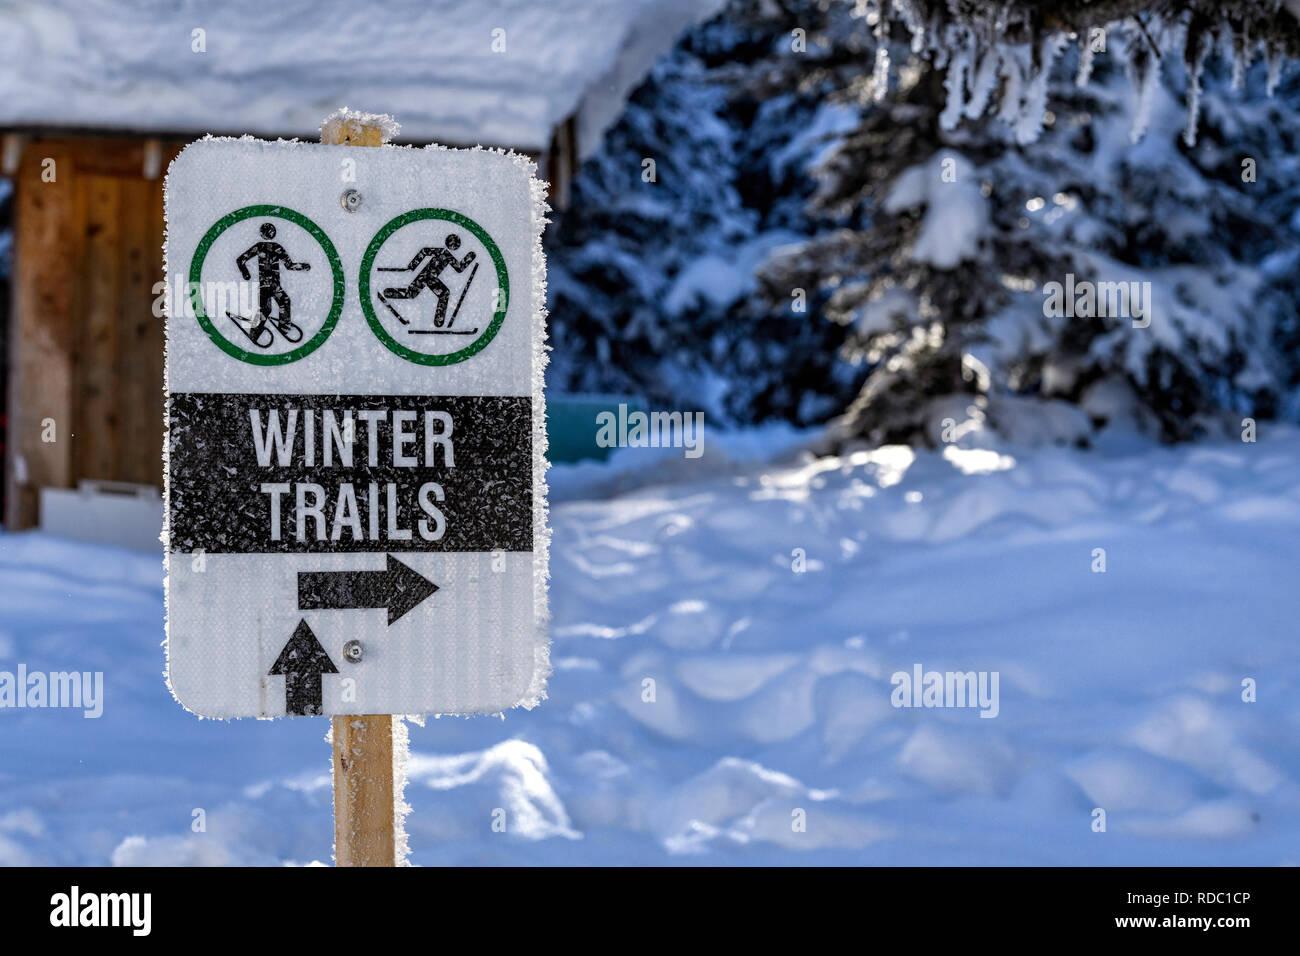 Sentiers d'hiver signe pour la raquette et le ski de fond Photo Stock